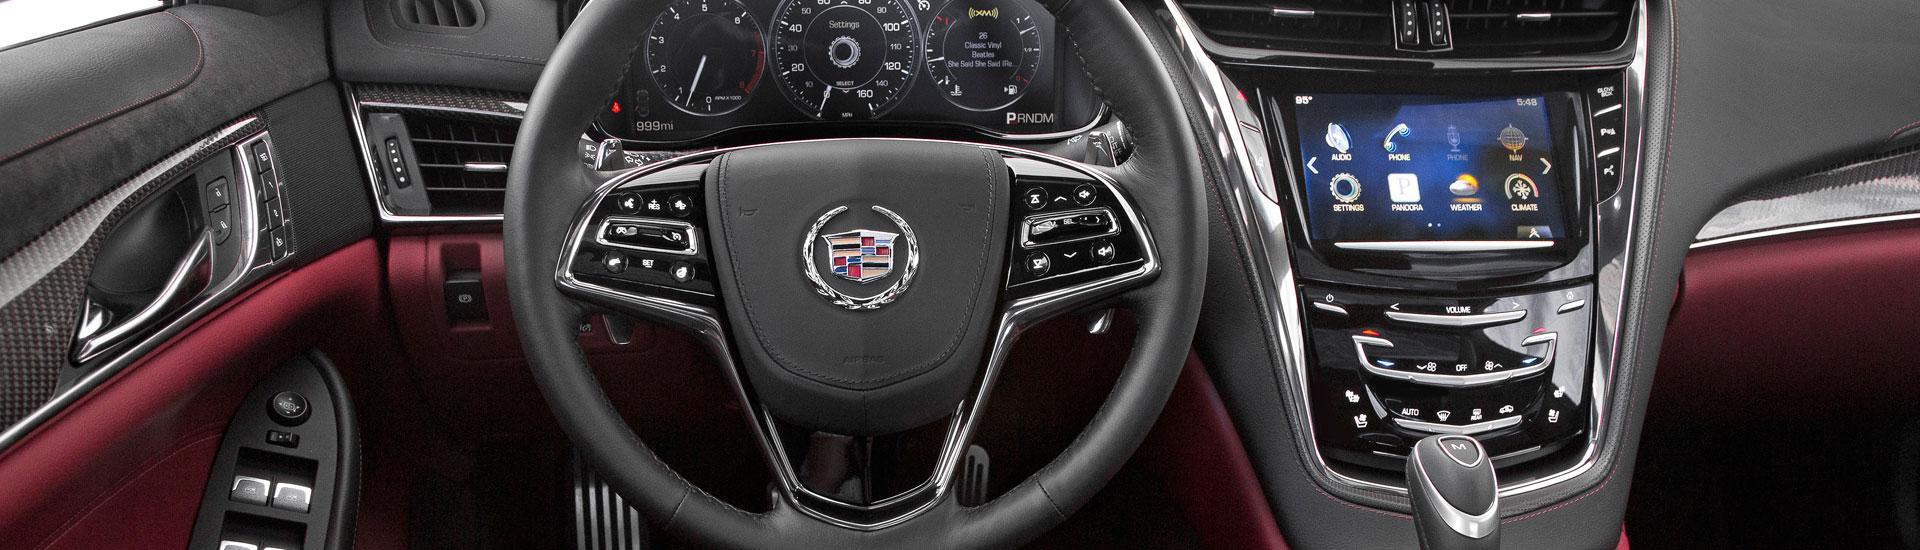 Cadillac Cts Dash Kits